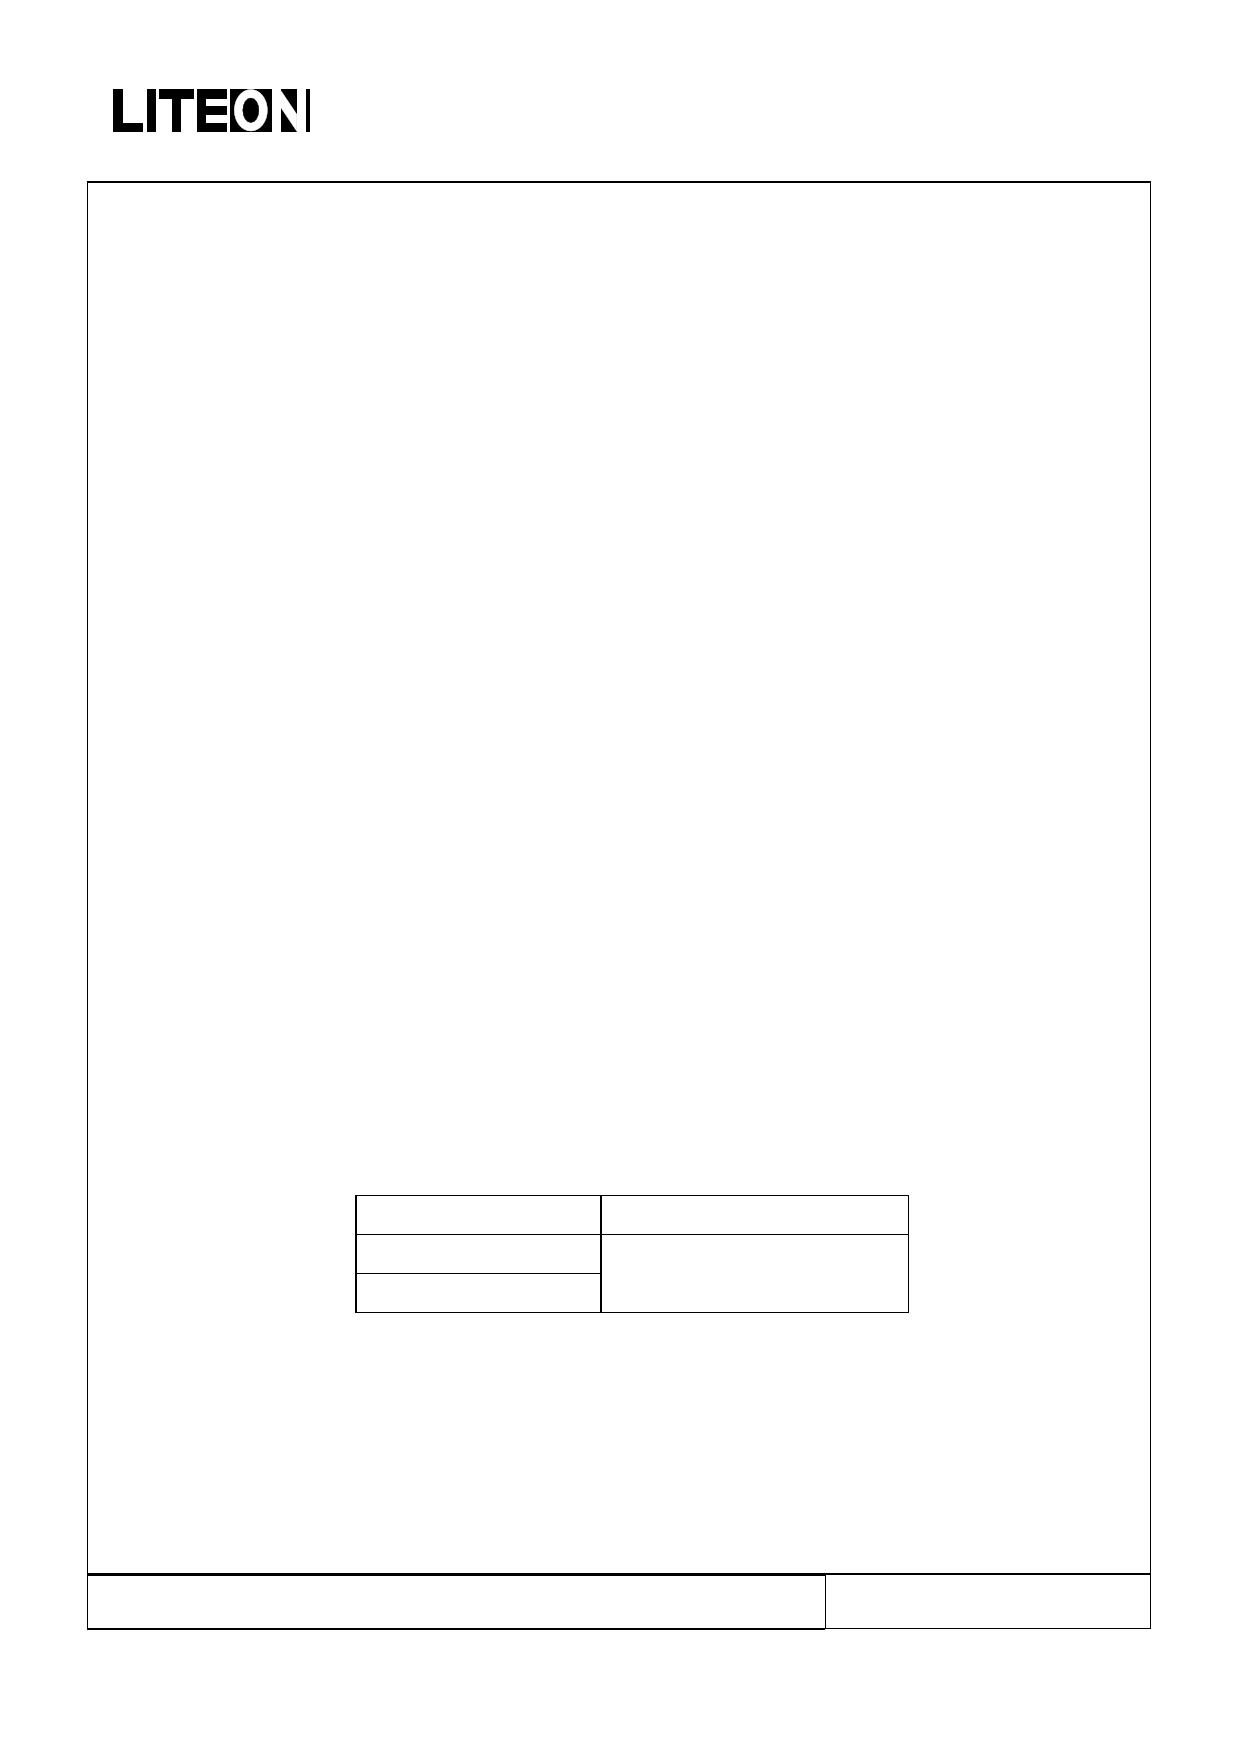 LTP-3157AE Datasheet